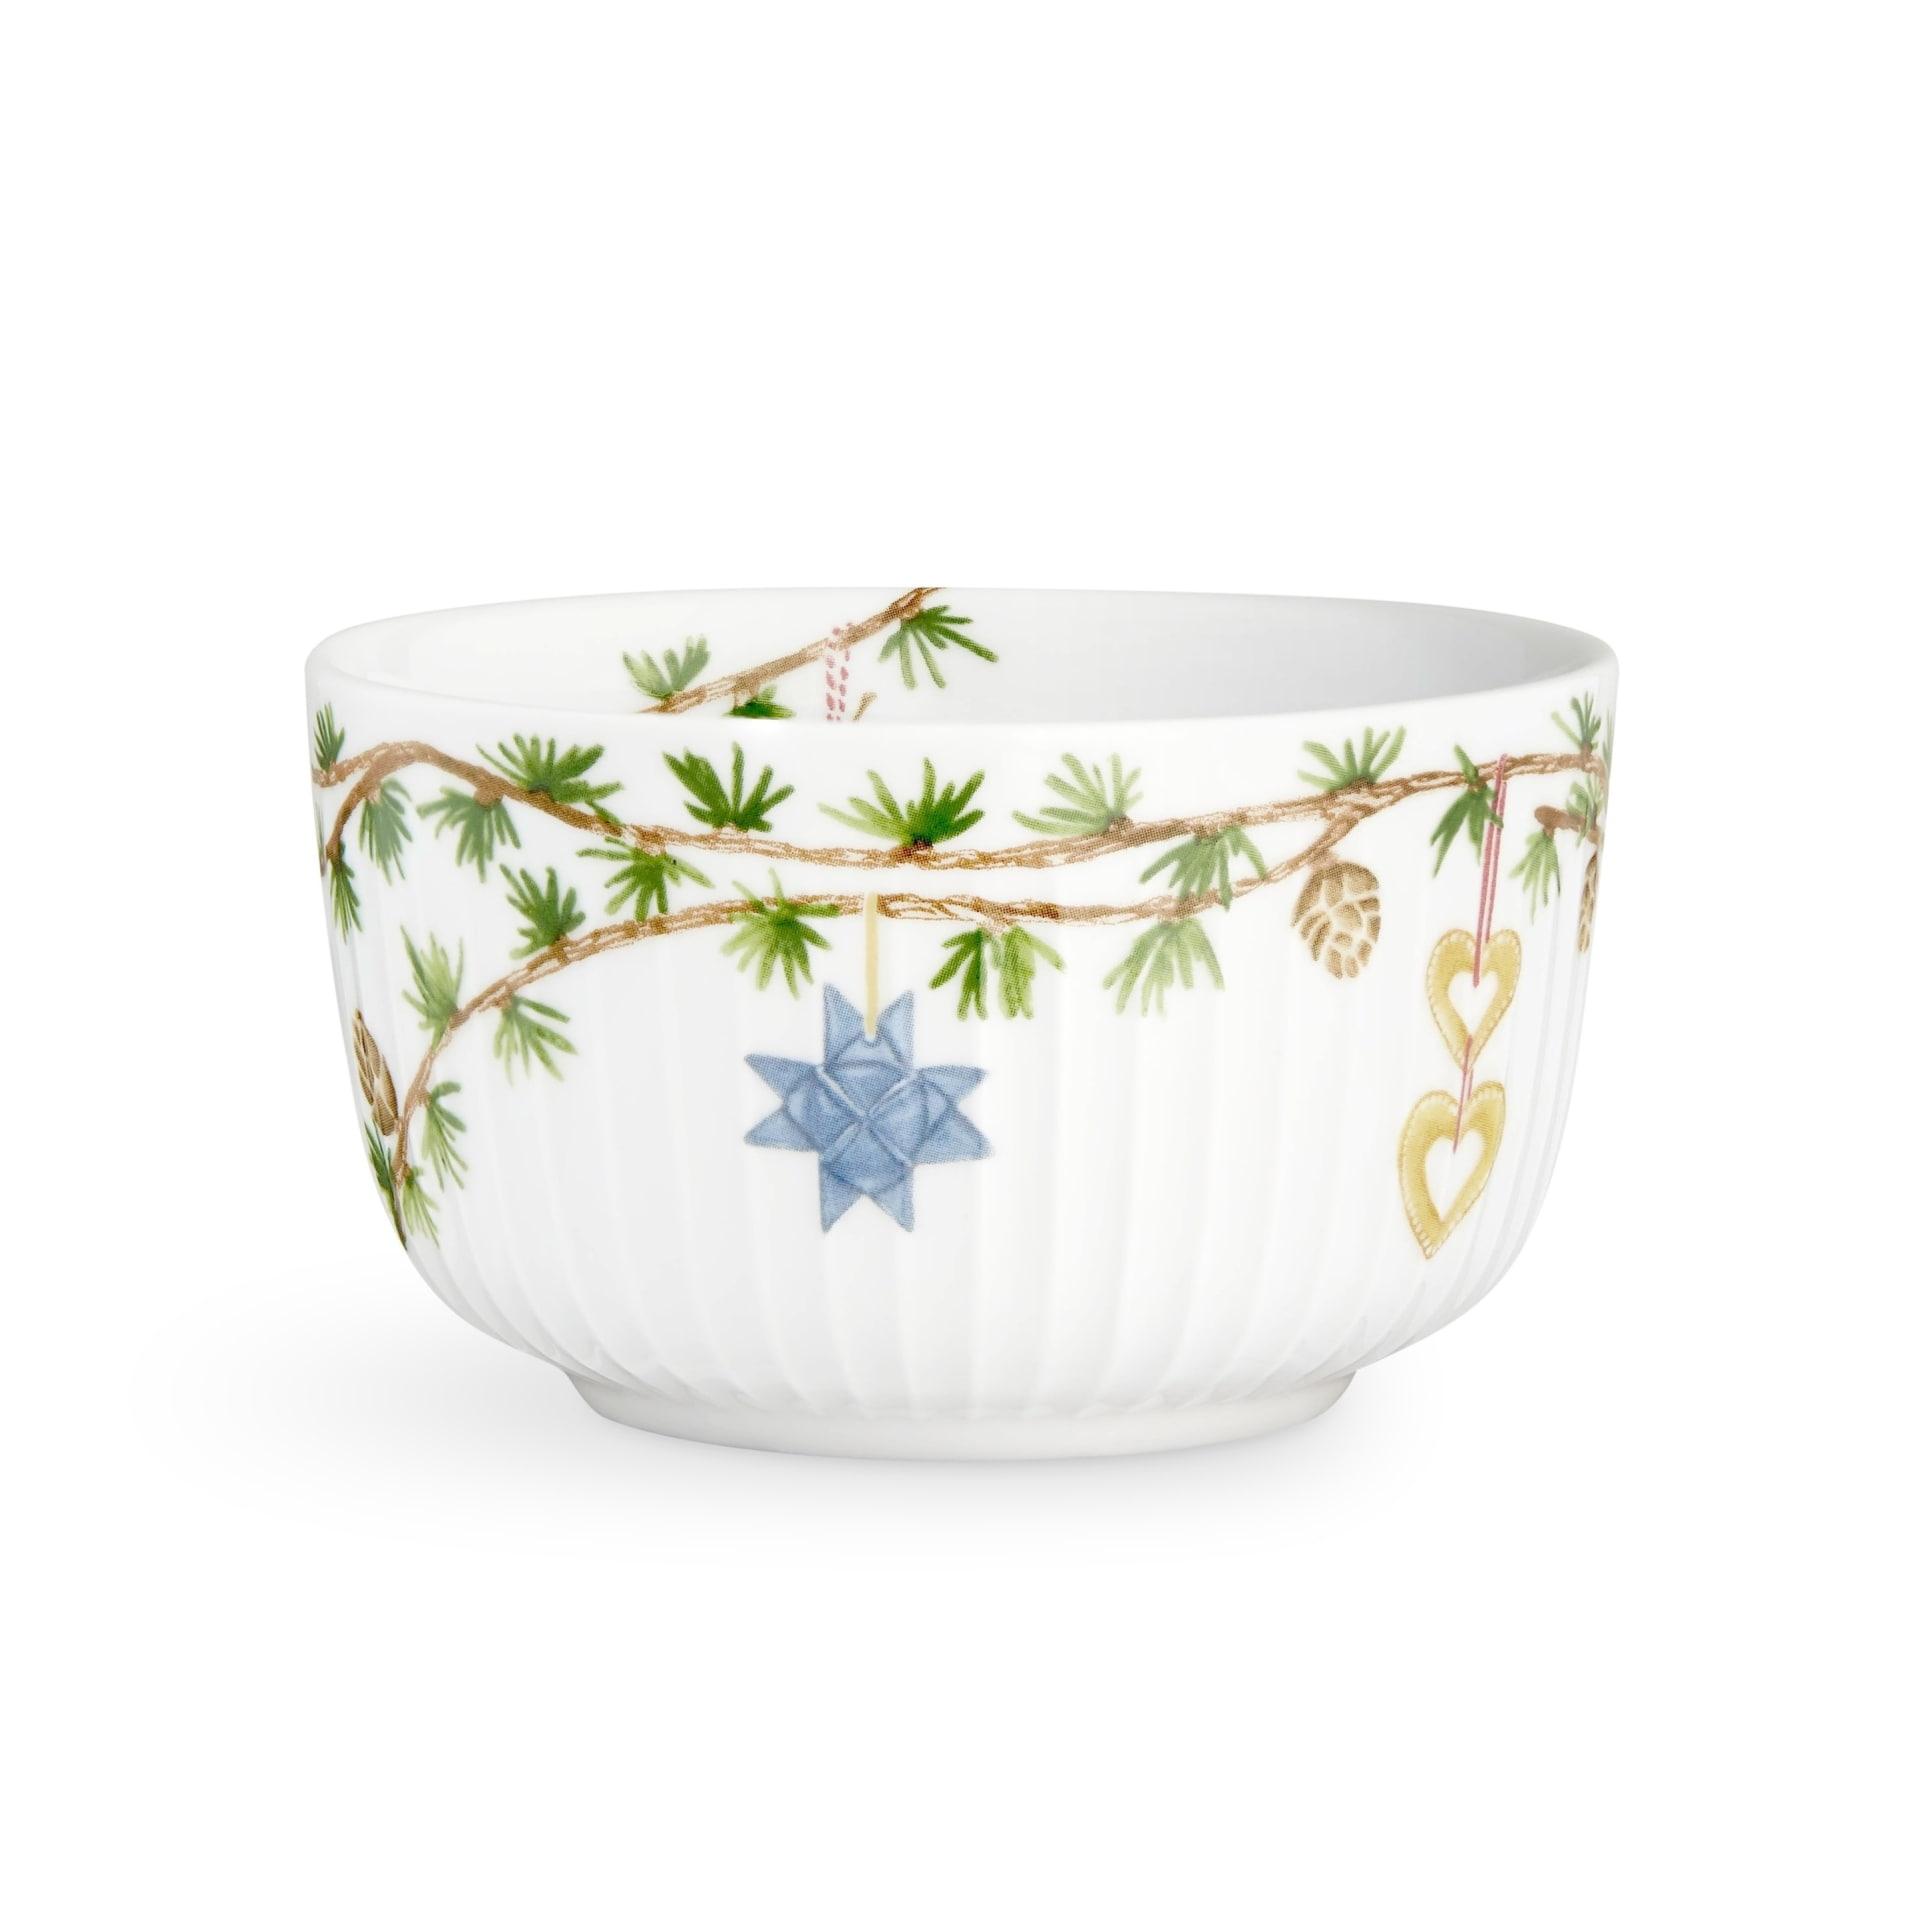 KÄHLER Miska Hammershøi Christmas, bílá barva, multi barva, porcelán